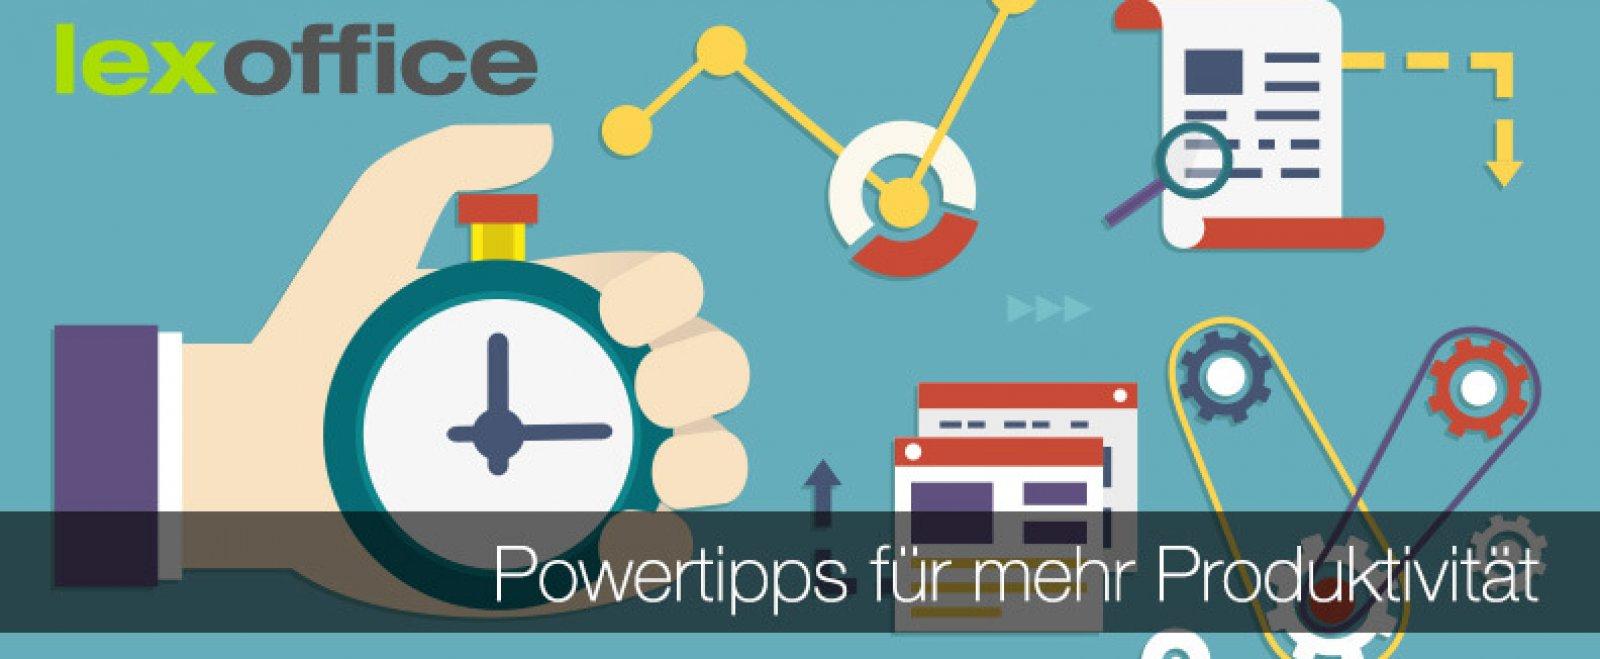 Powertipps für mehr Produktivität – denn sie lässt sich planen